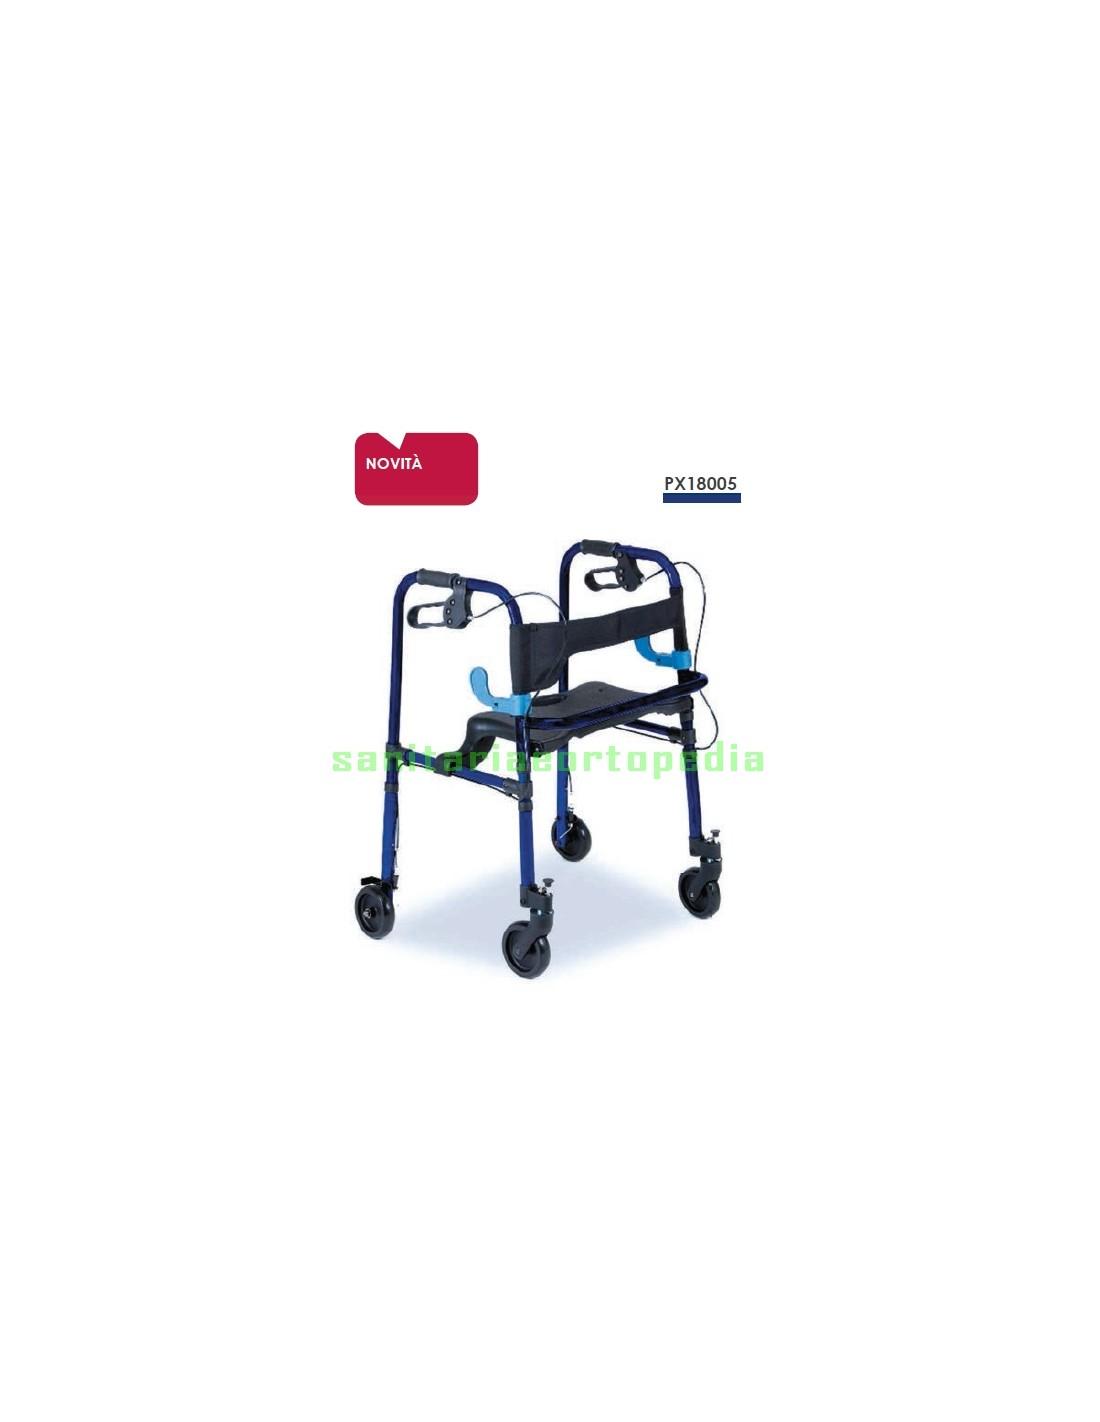 Rollator Pieghevole Alluminio.Deambulatore Rollator Pieghevole In Alluminio Con Sediile Sanitaria E Ortopedia